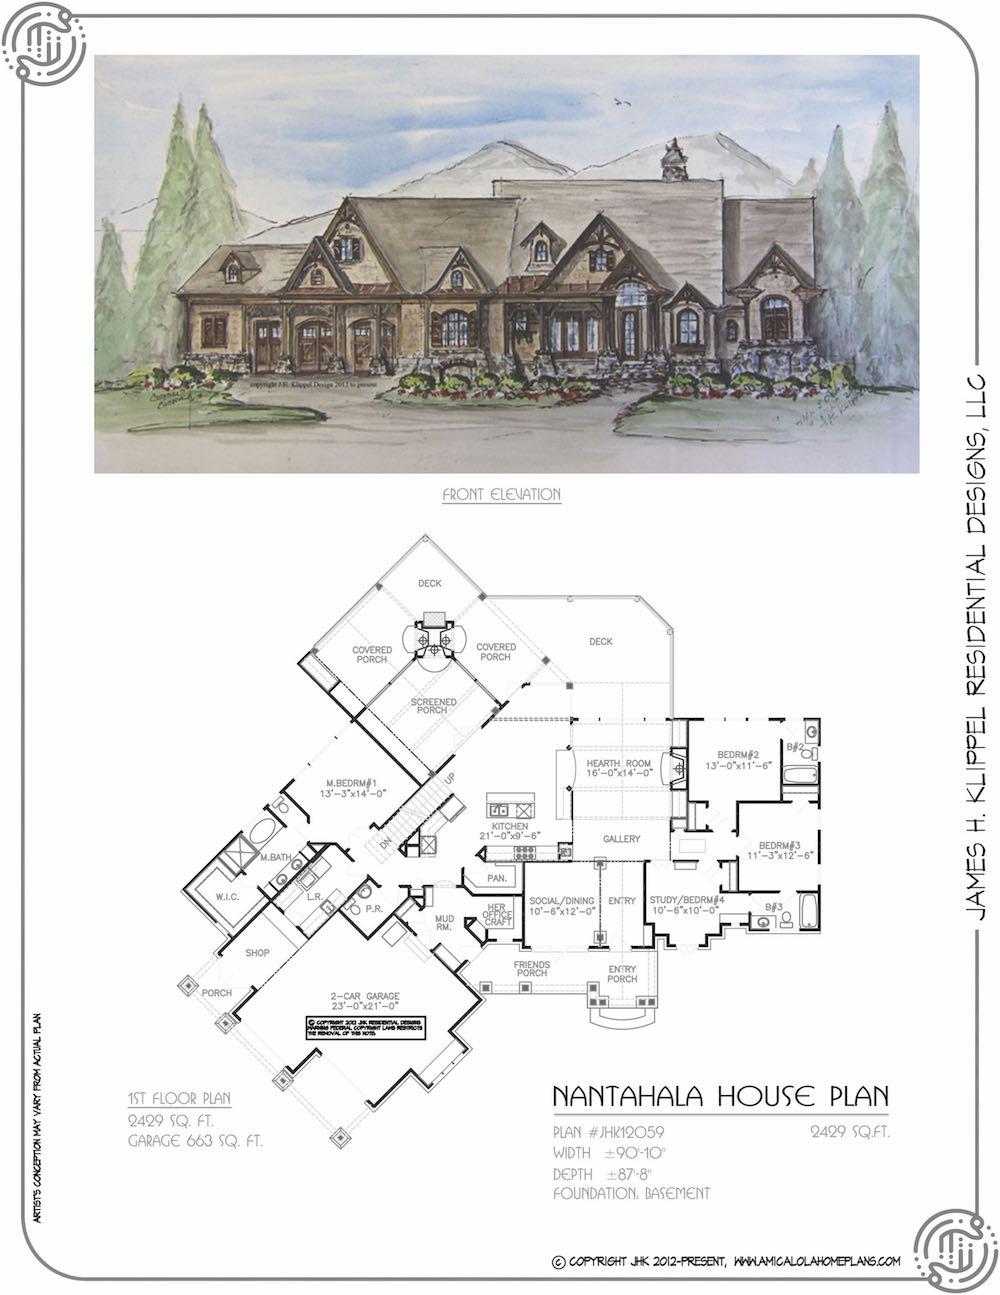 Nantahala House Plan — Rustic Mountain House Plans ... on blue ridge home plans, horseshoe home plans, madison home plans, linville home plans, newport home plans, hudson home plans, marshall home plans, linwood home plans, franklin home plans, alexander home plans, washington home plans,